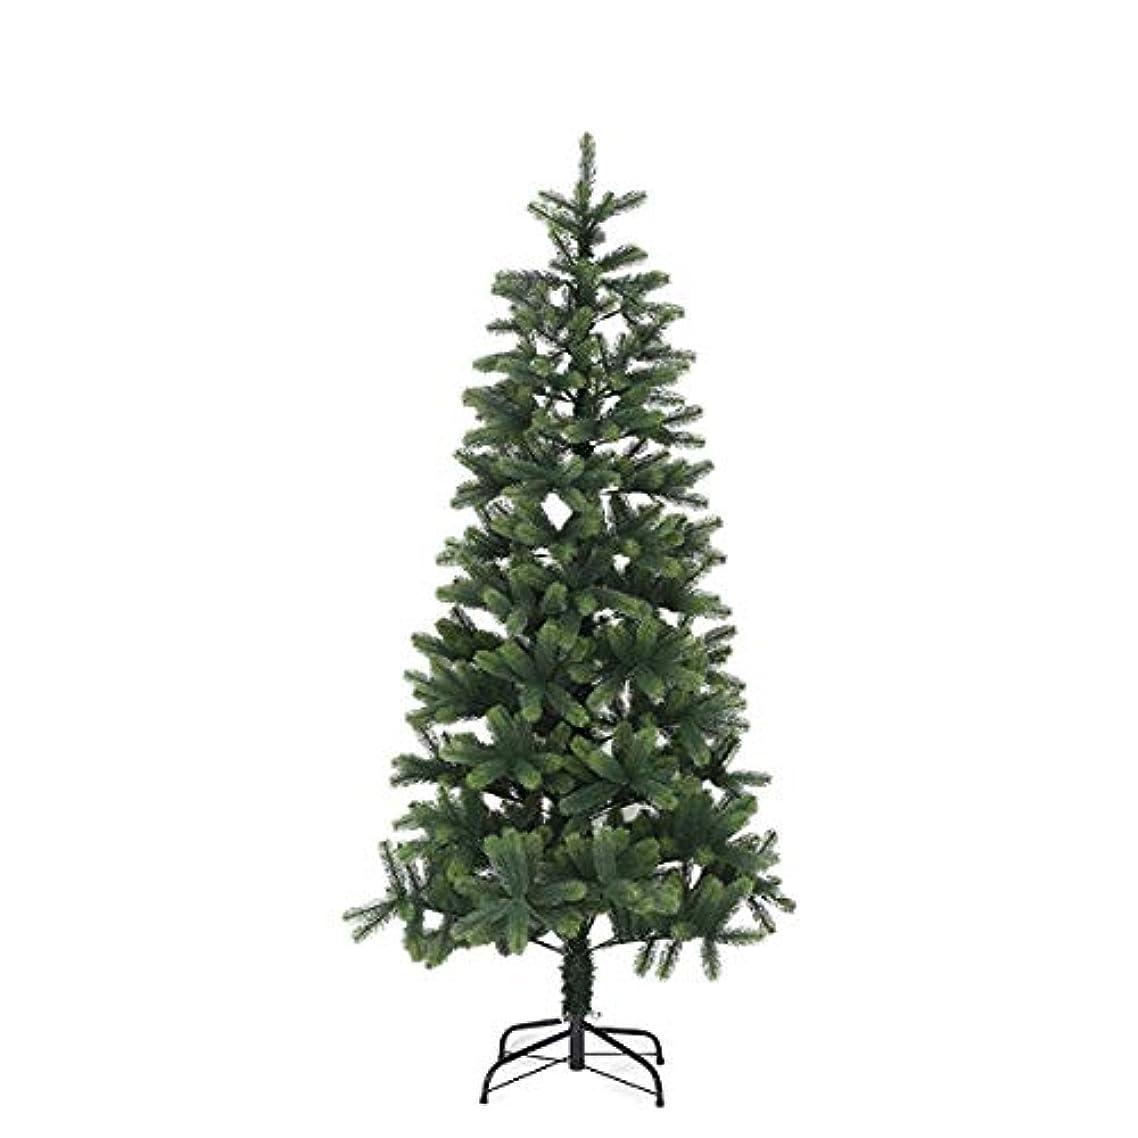 異なる中断提供されたクリスマスツリー リアル枝 ドイツトウヒツリー ヌードツリー 150cm